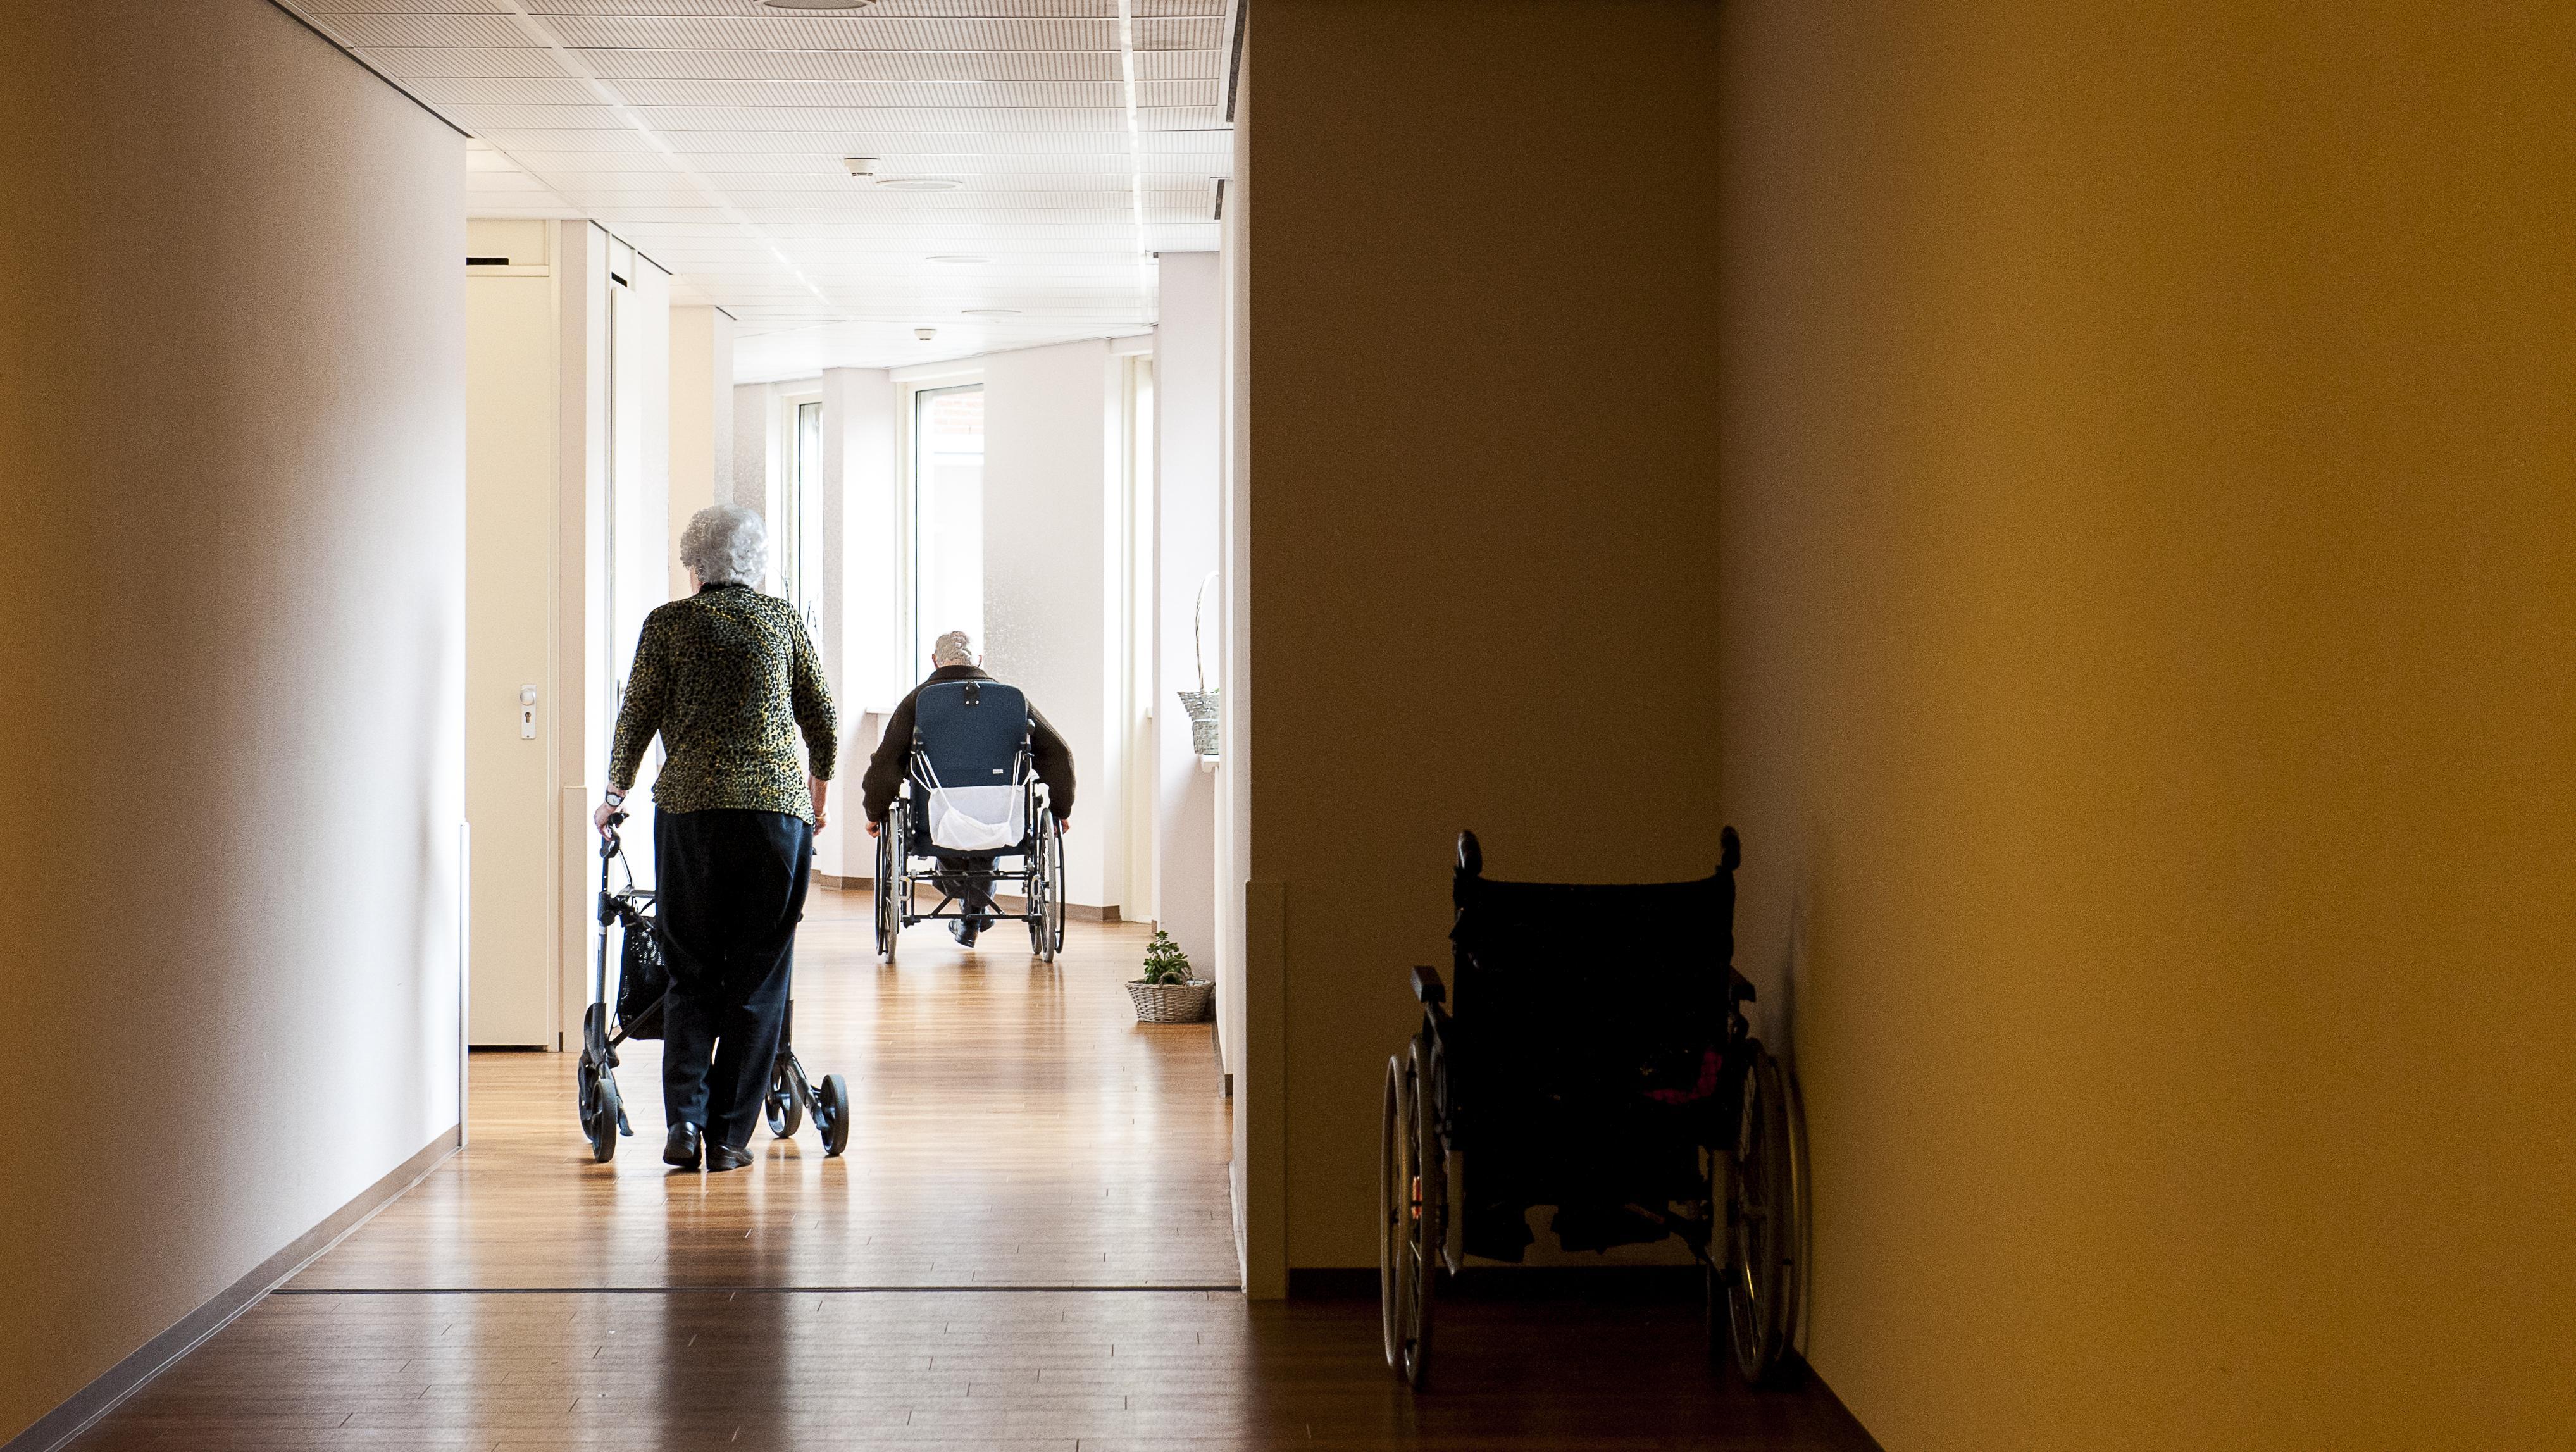 Verpleeghuizen in de Leidse regio beginnen komende week met vaccineren bewoners